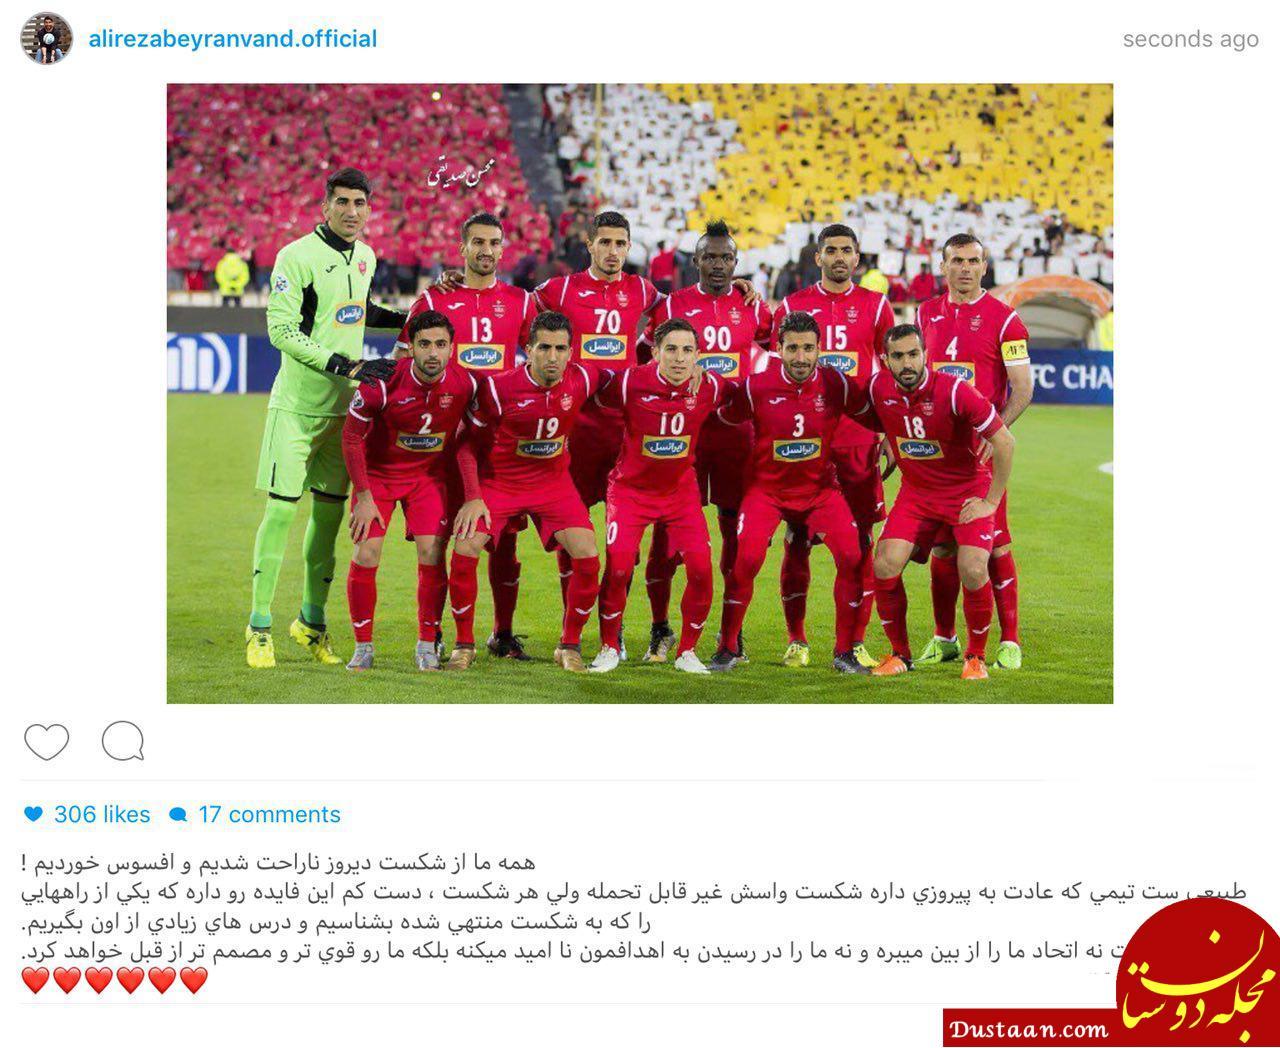 www.dustaan.com پست اینستاگرامی علیرضا بیرانوند بعد از شکست 3 بر یک